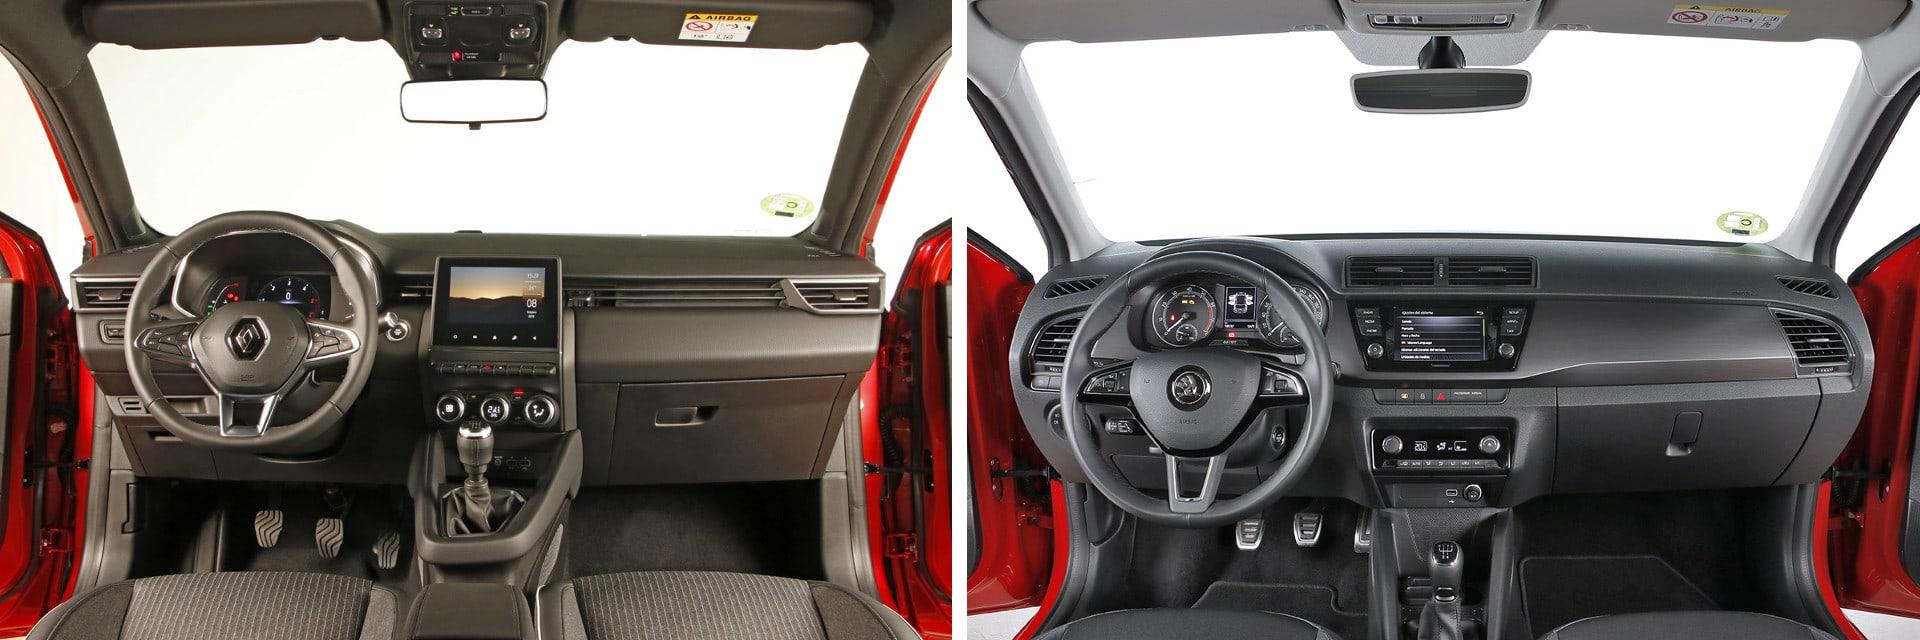 El habitáculo del Renault Clio (izq.) está mejor insonorizado que el del Fabia (dcha.) / km77